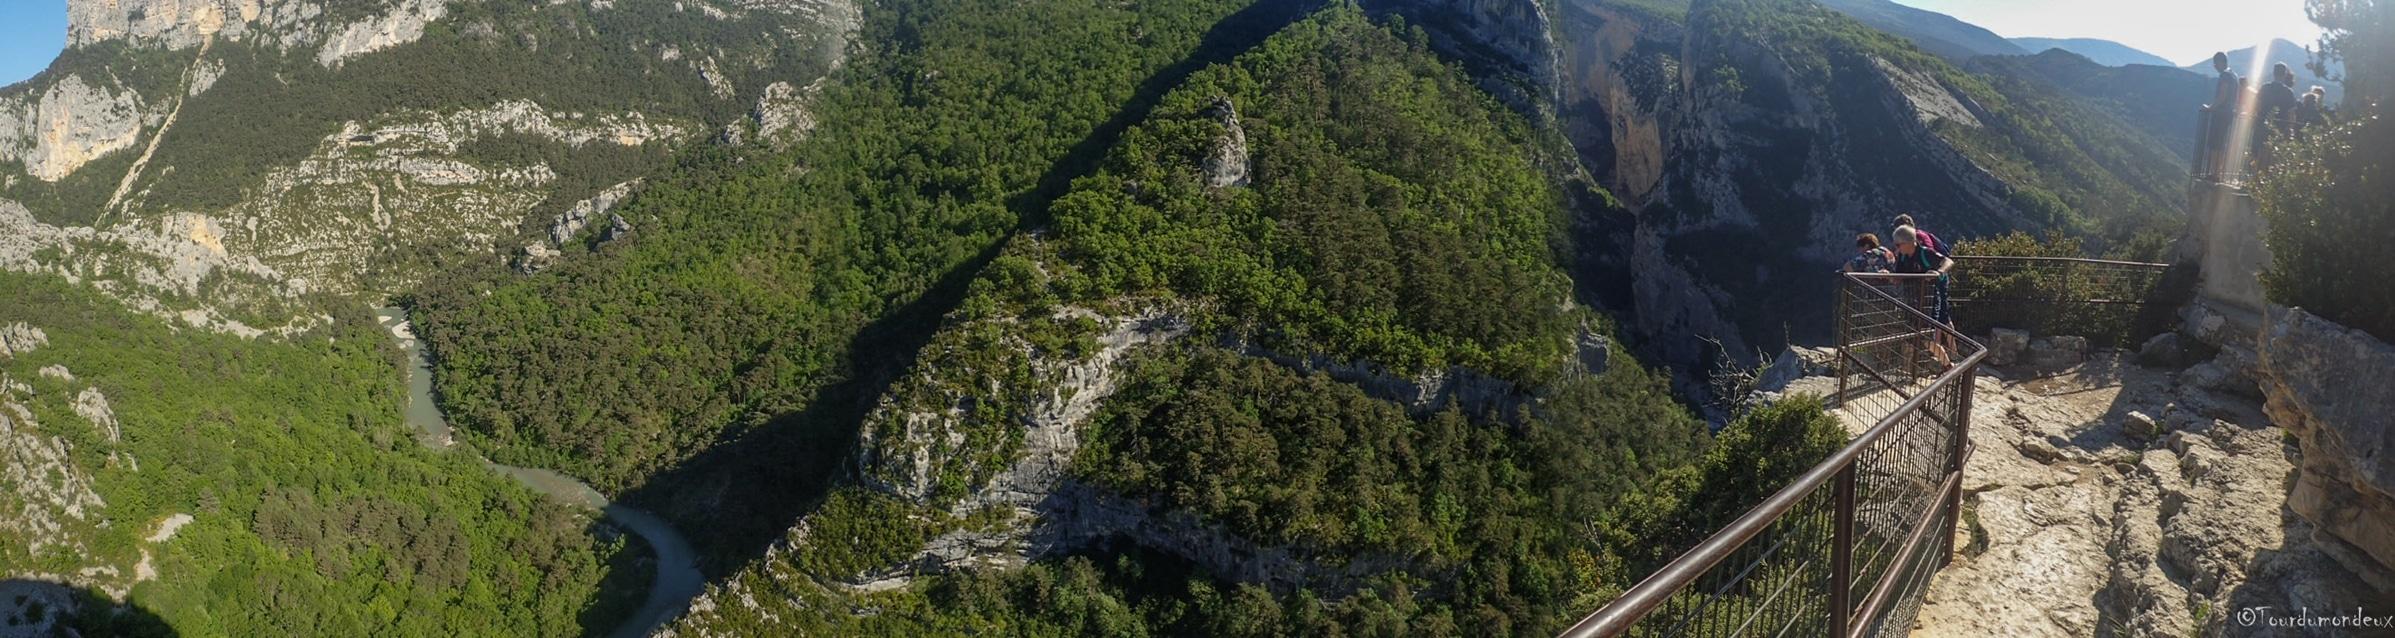 gorges-verdon-point-sublime-belvédère